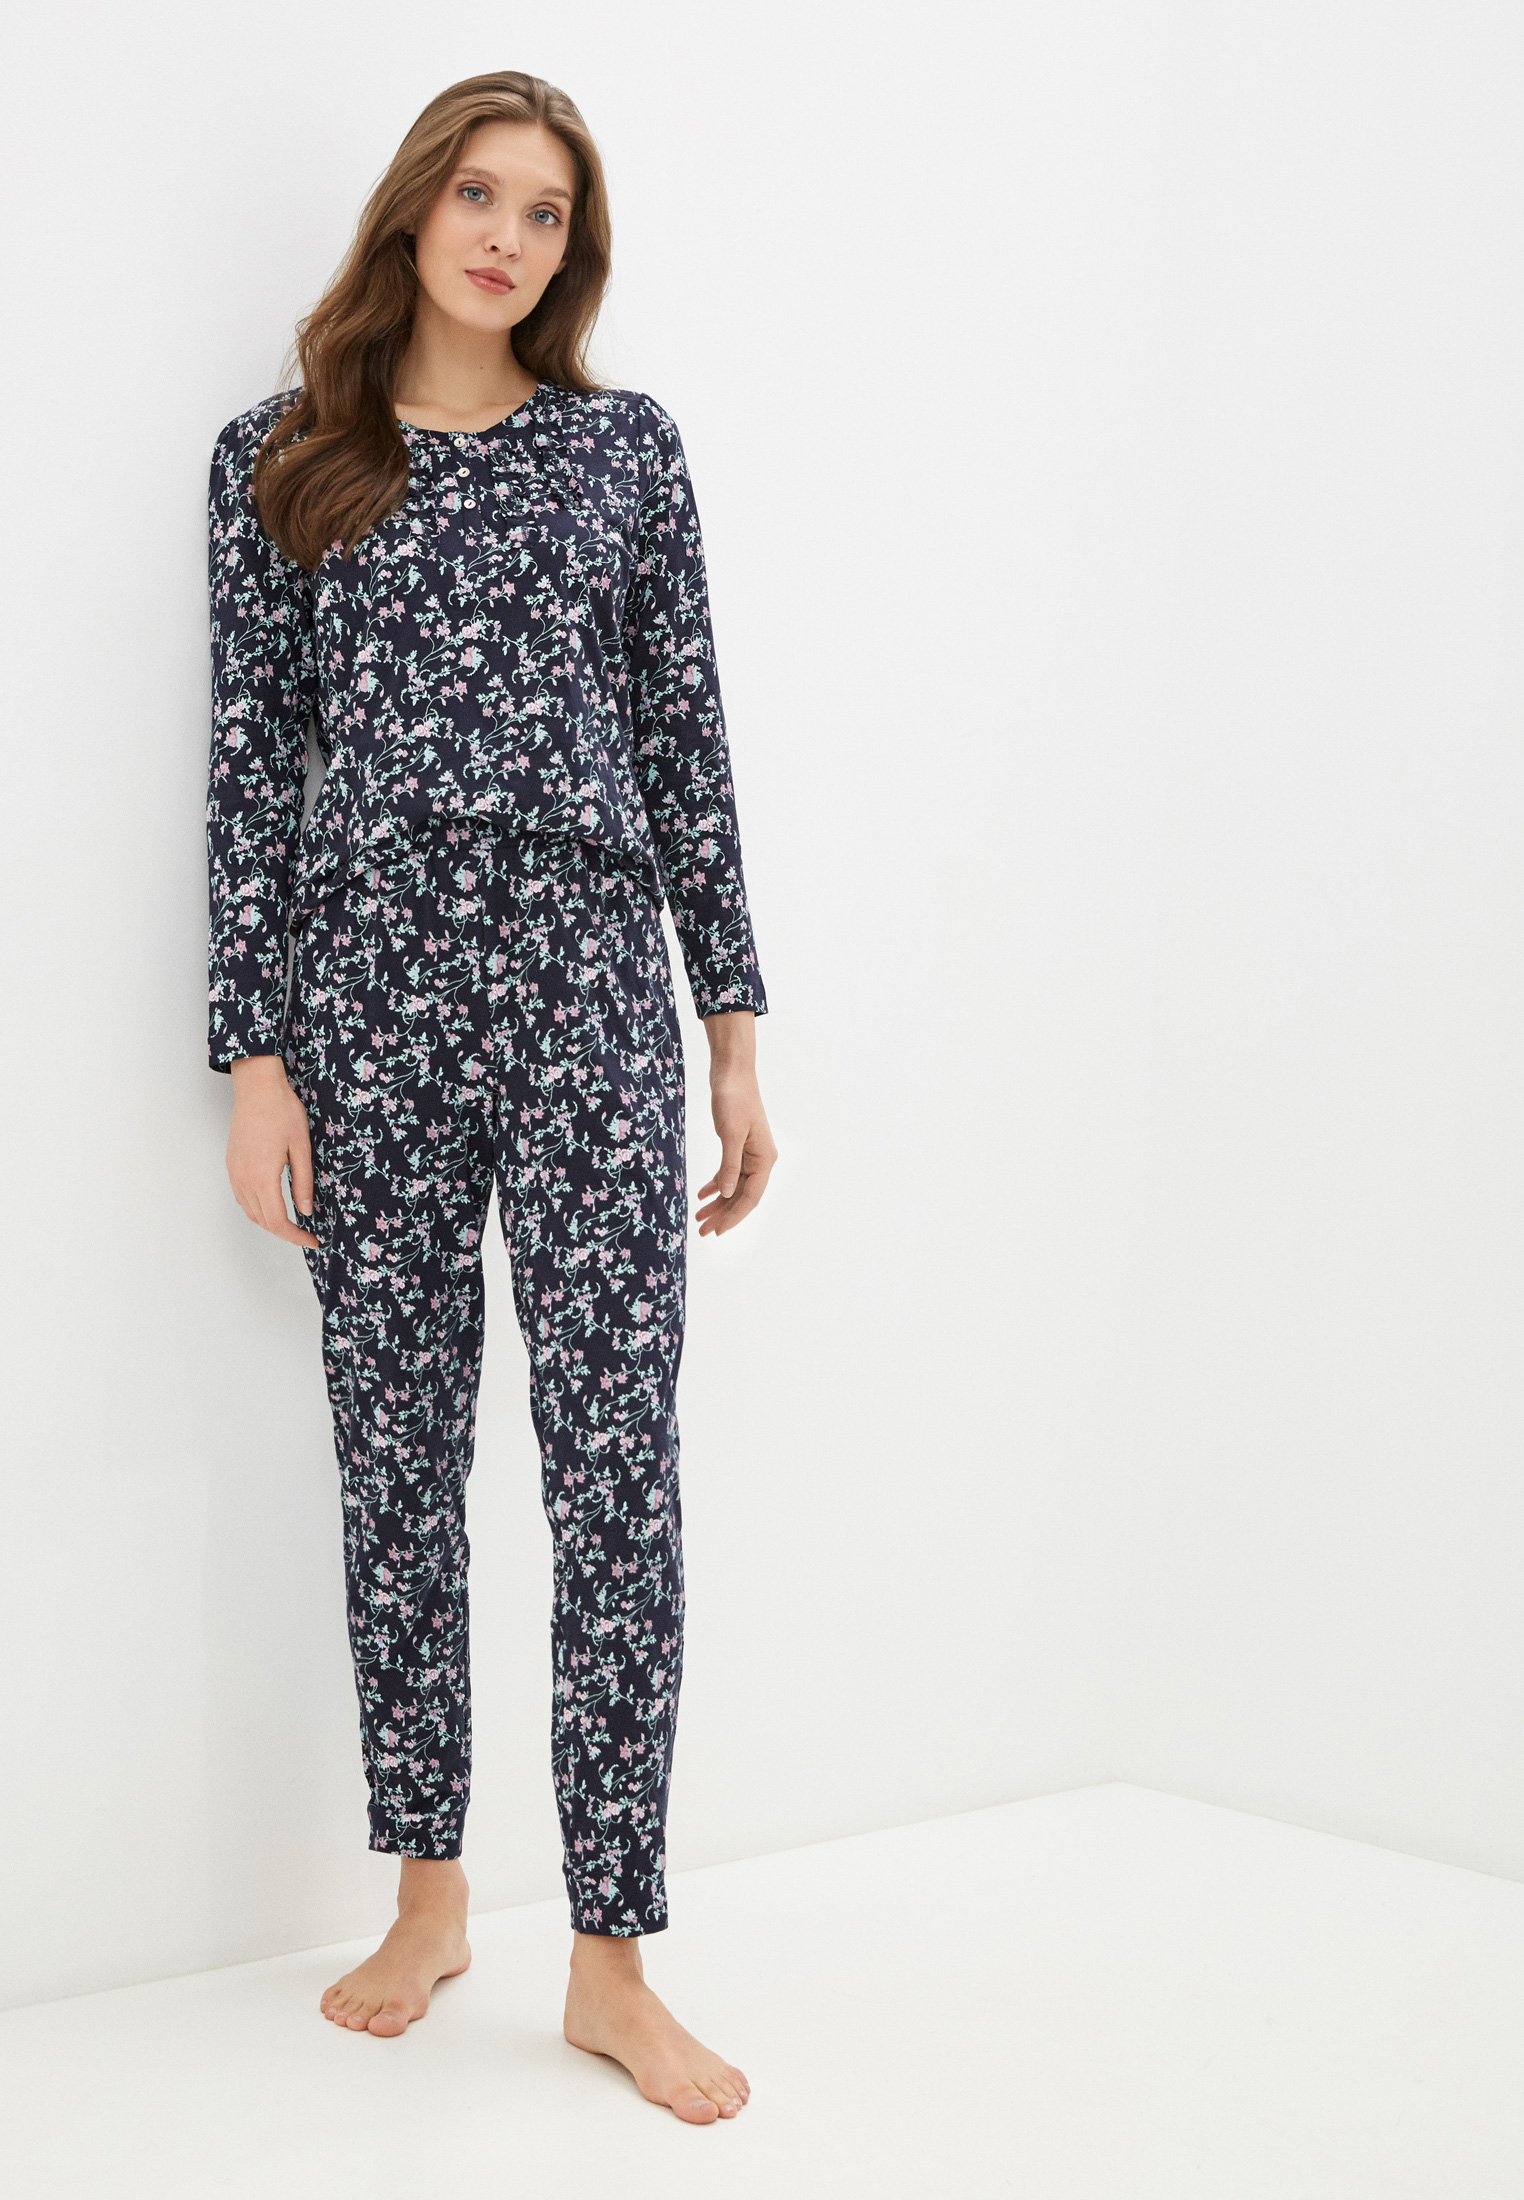 Женское белье и одежда для дома NYMOS 5490769